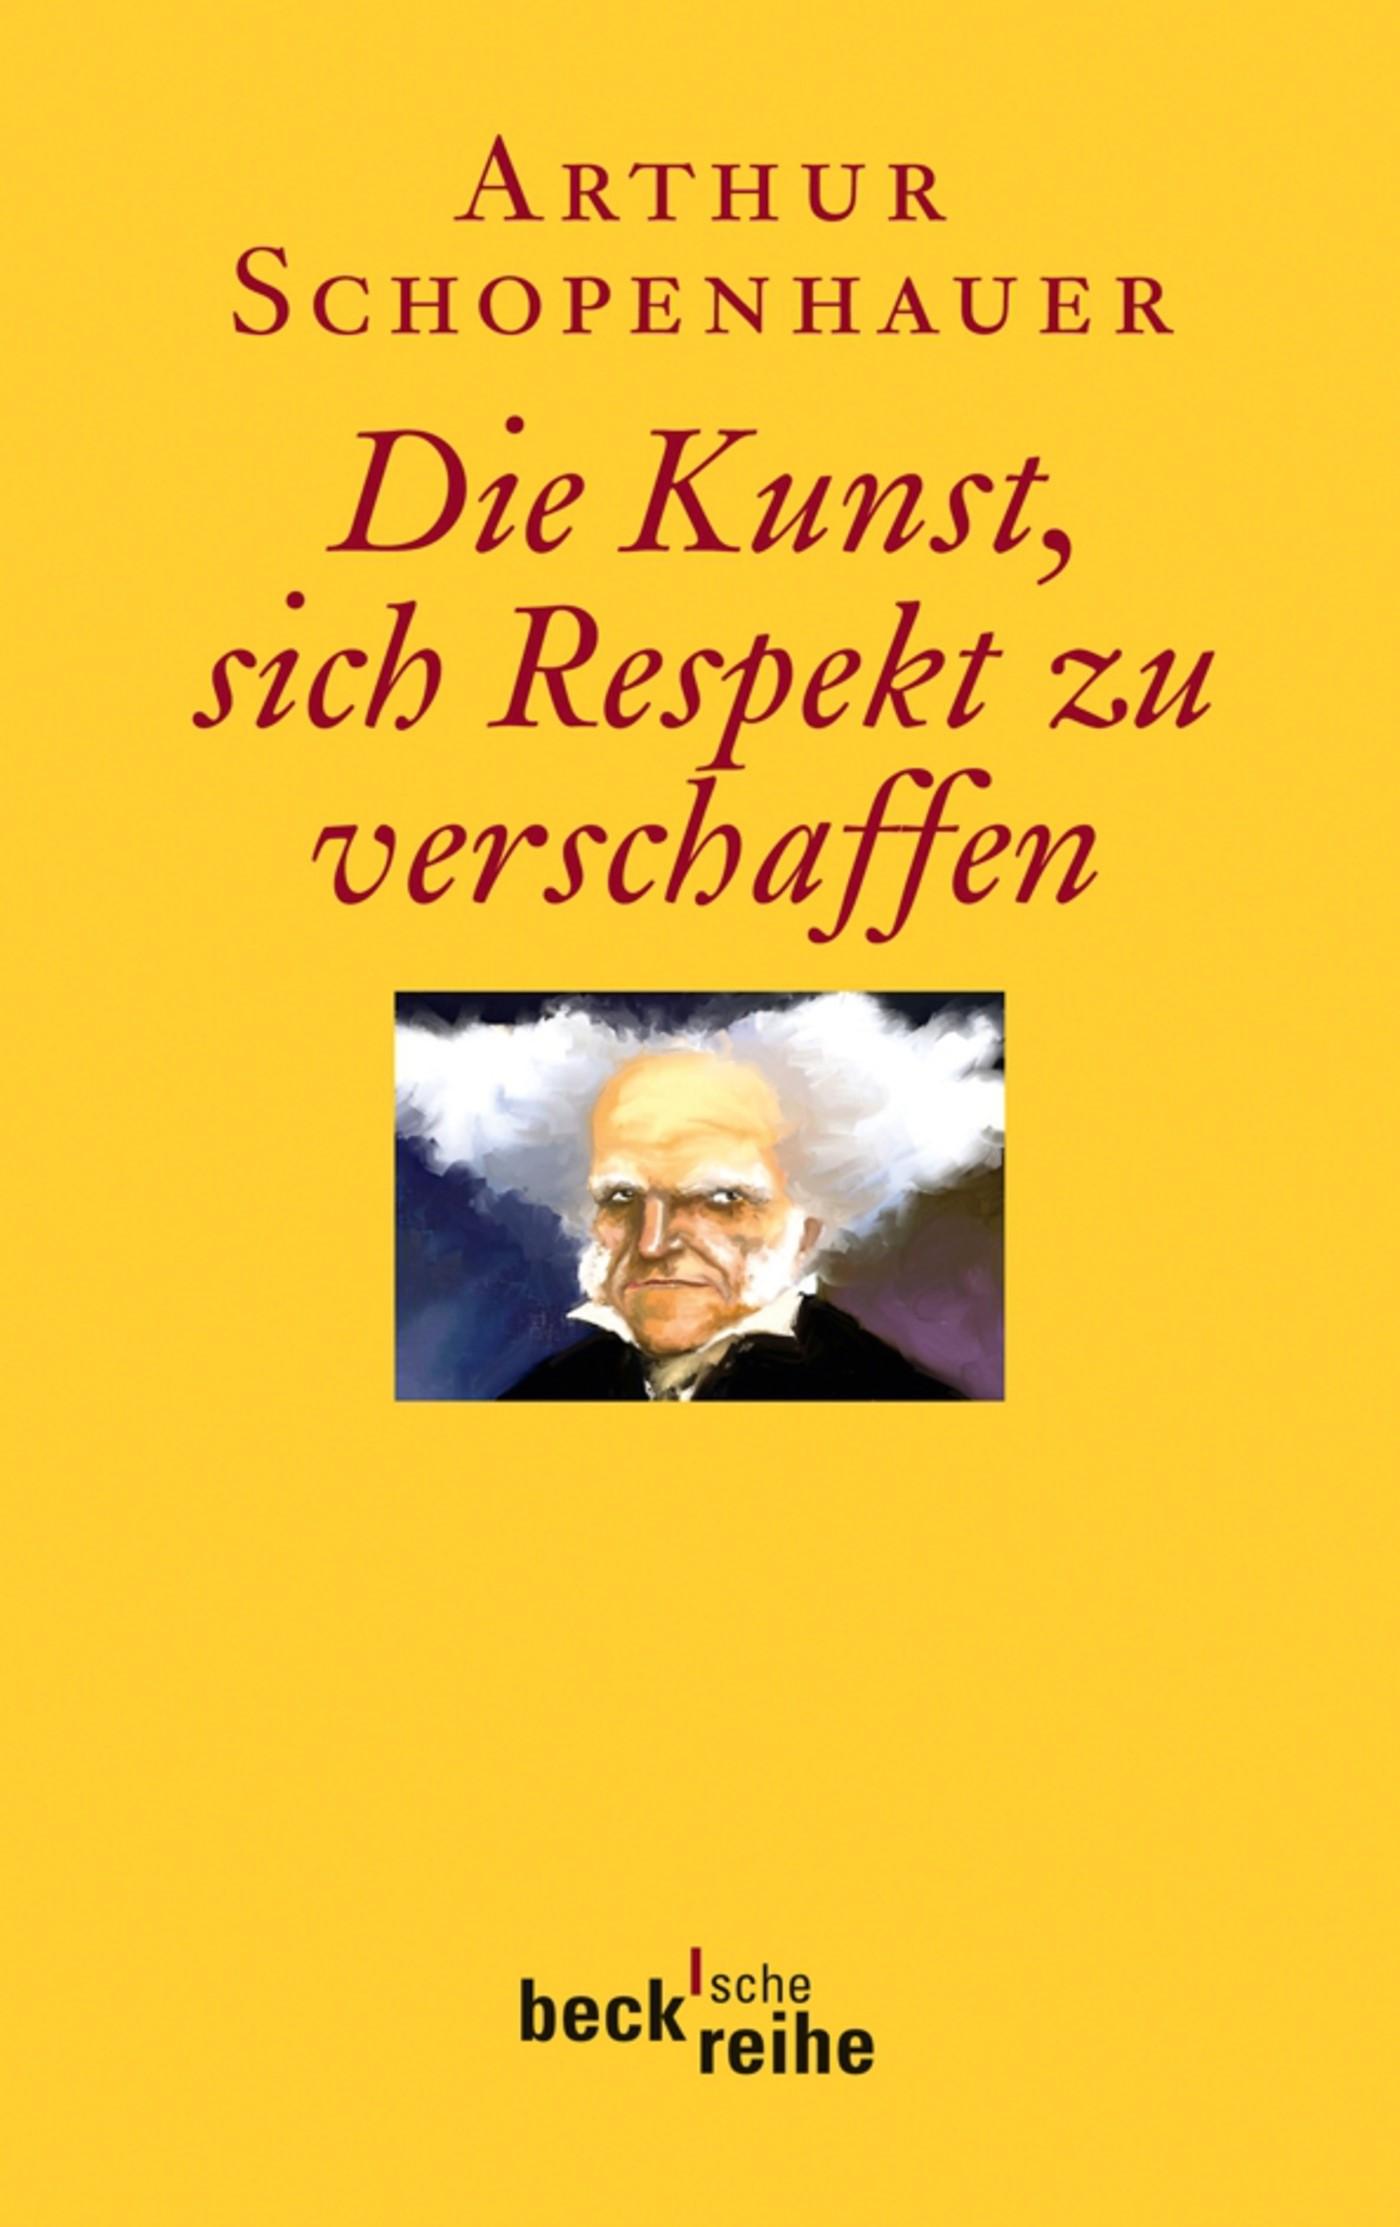 Cover des Buches 'Die Kunst, sich Respekt zu verschaffen'